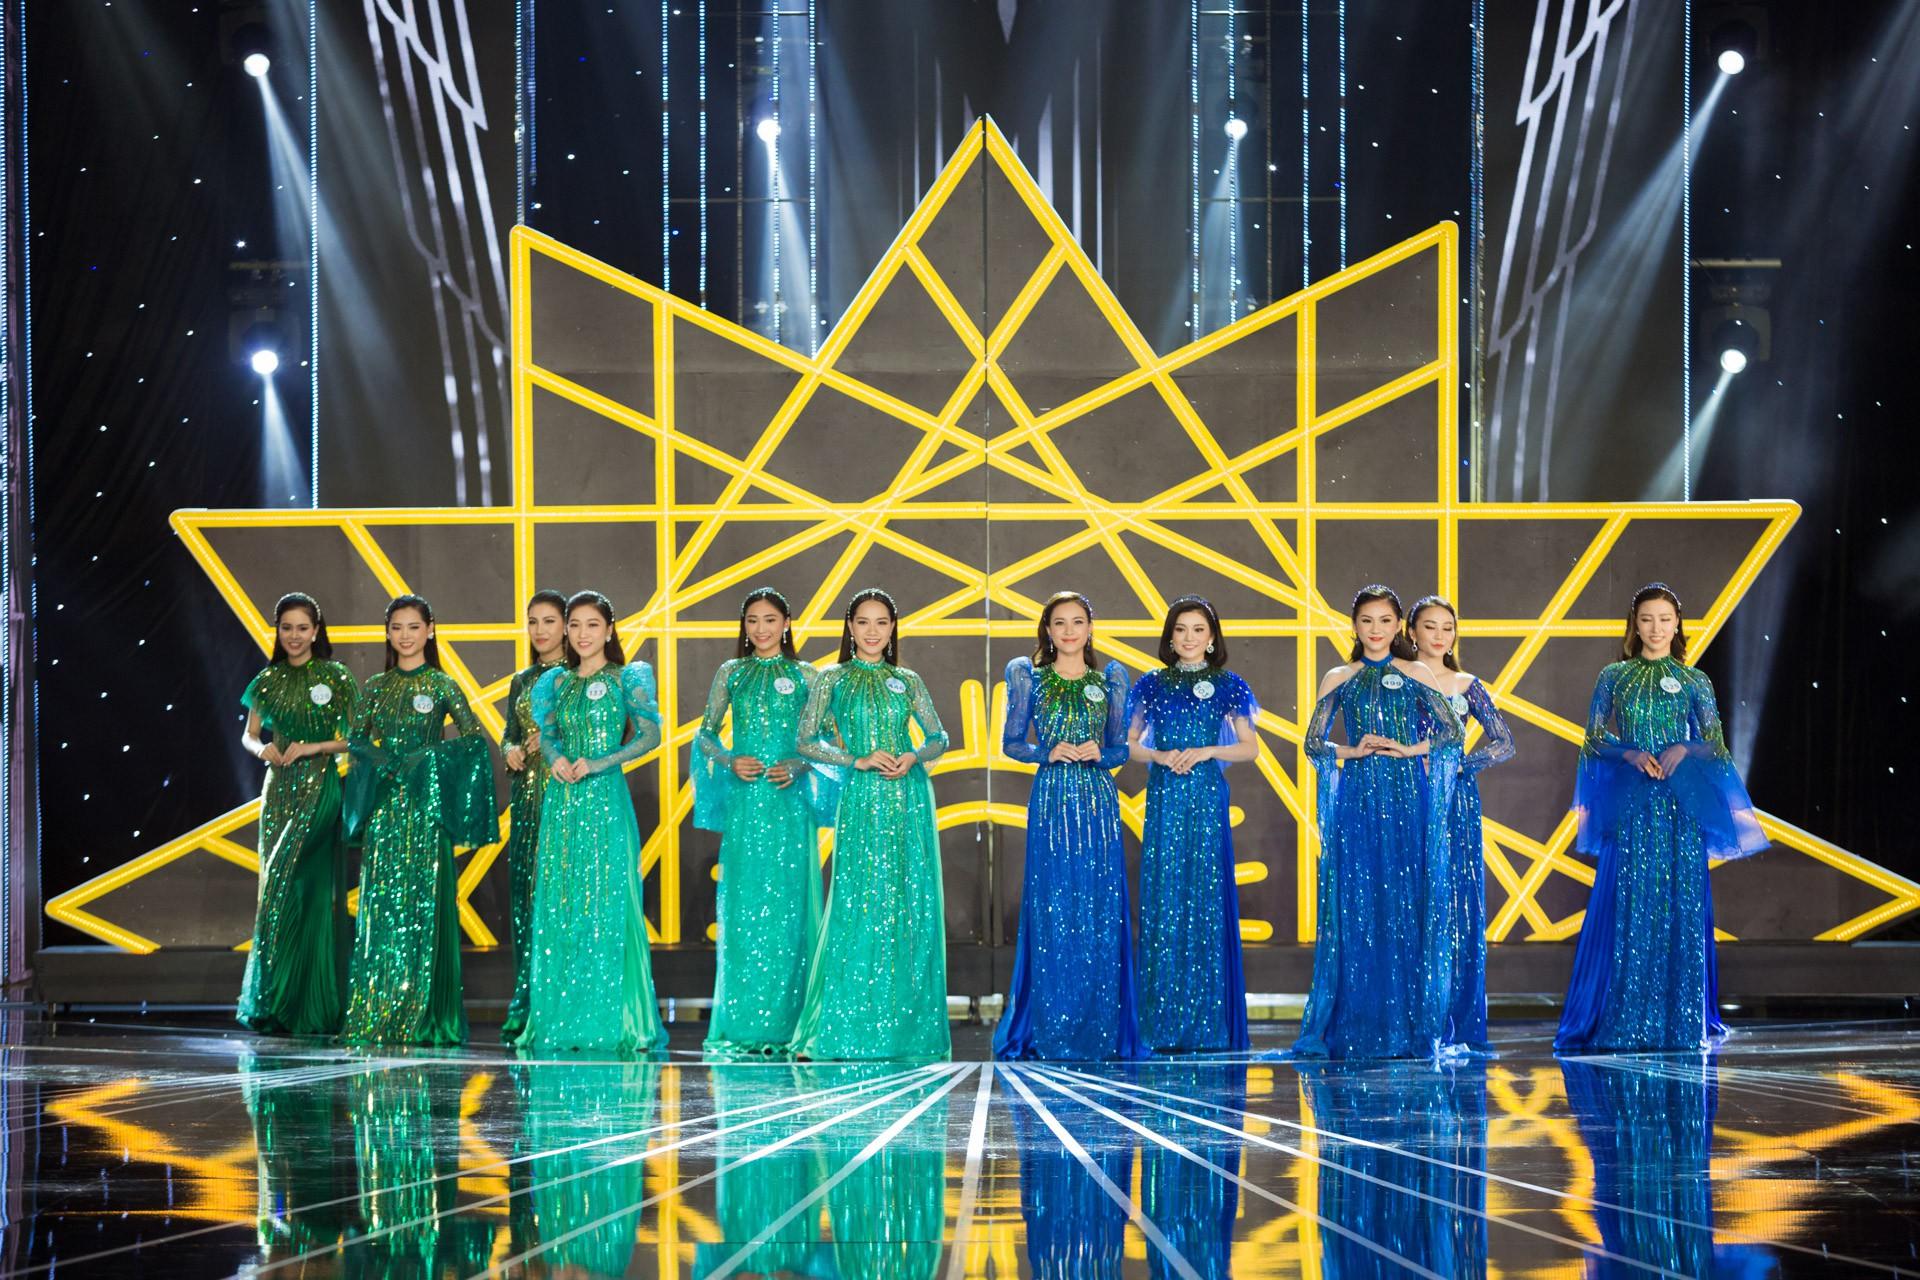 Đọ sắc vóc 20 mỹ nhân lọt Top, chạm gần tới tấm vé kế nhiệm Tiểu Vy lên đường đến Thái thi Miss World 2019 - Ảnh 11.